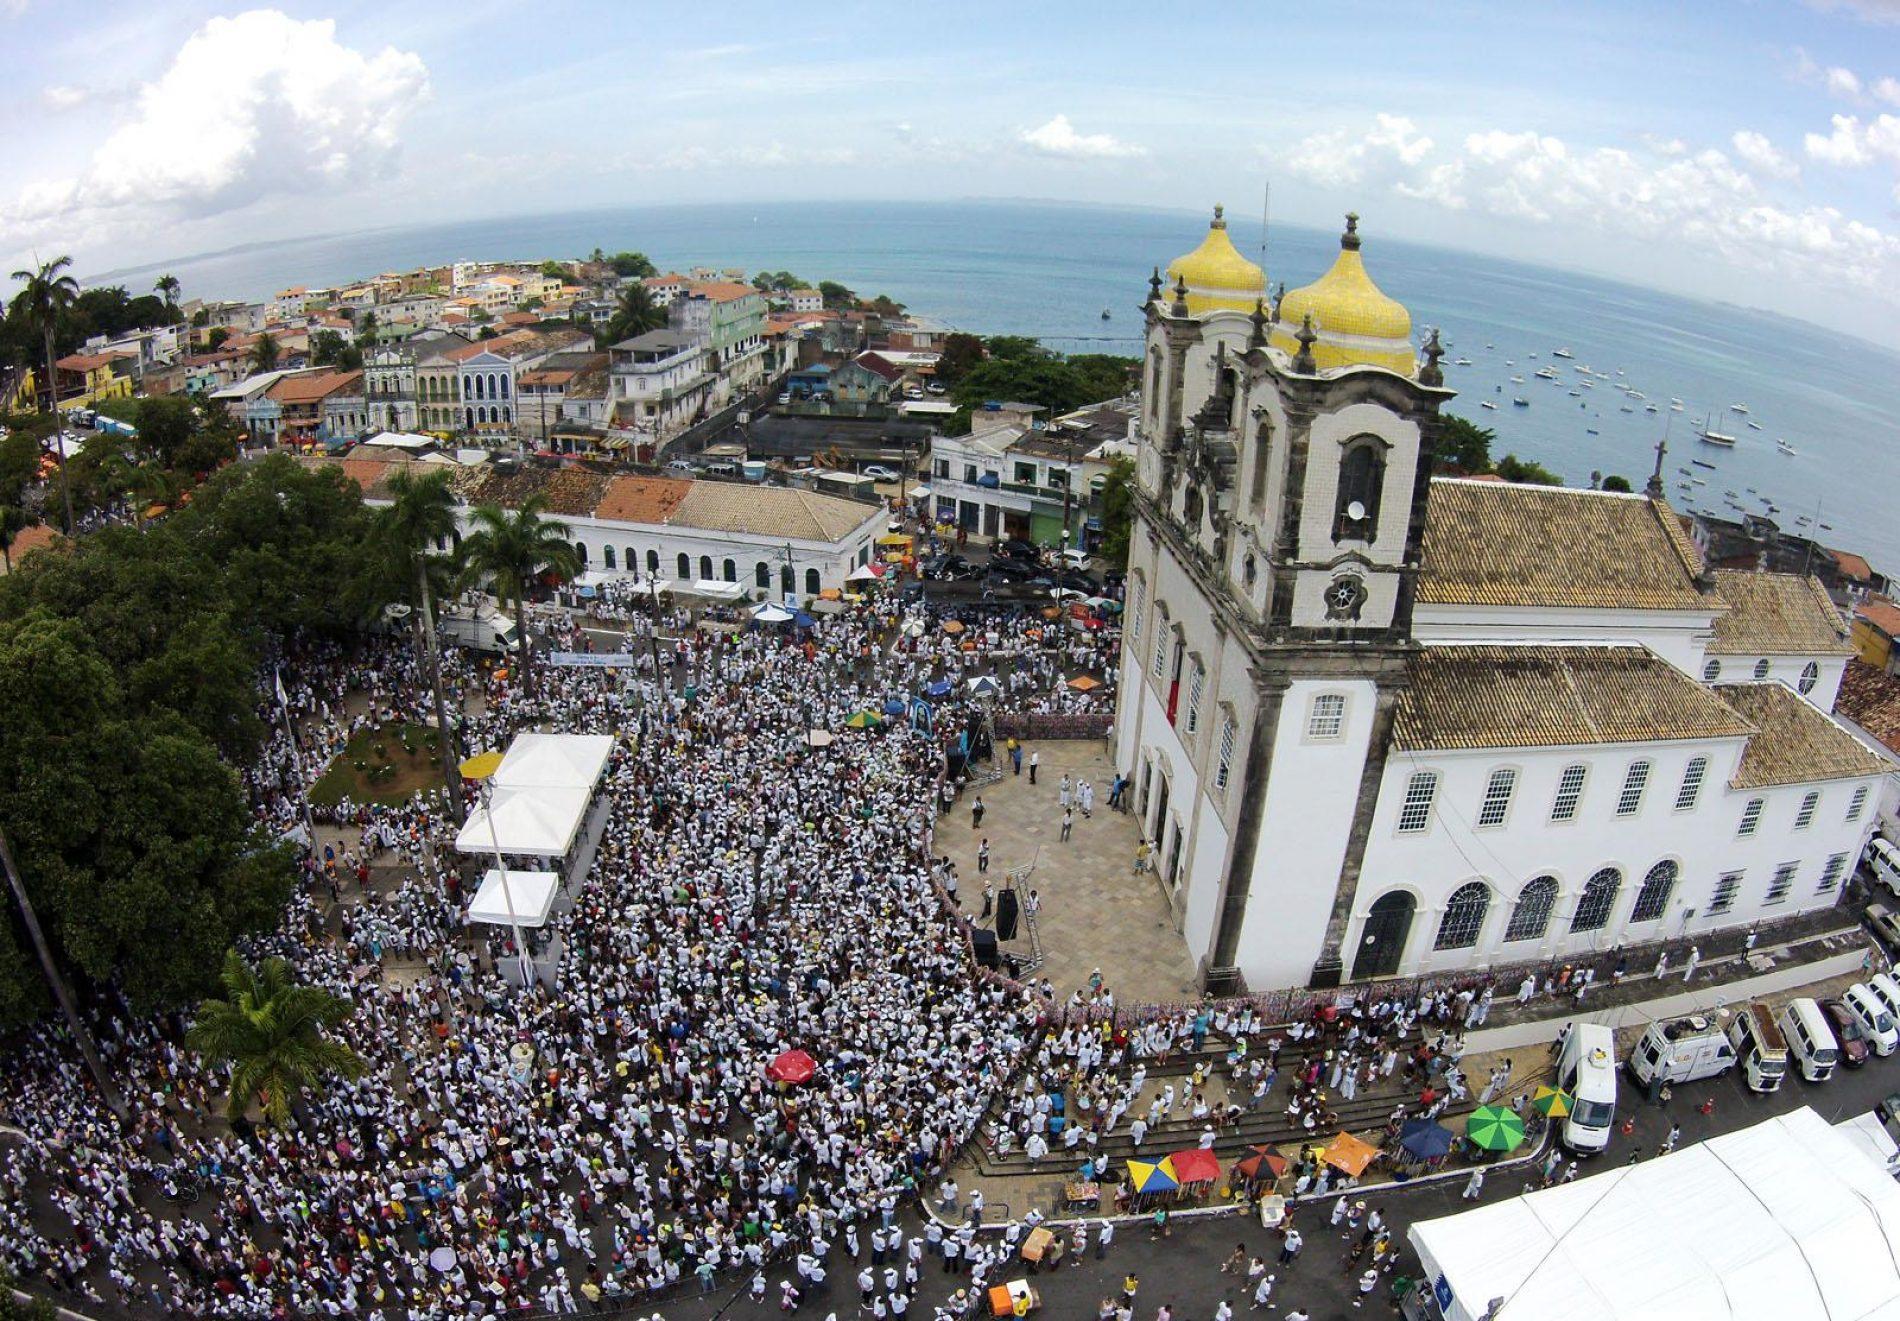 Festas de tradição religiosa marcam calendário de eventos em janeiro